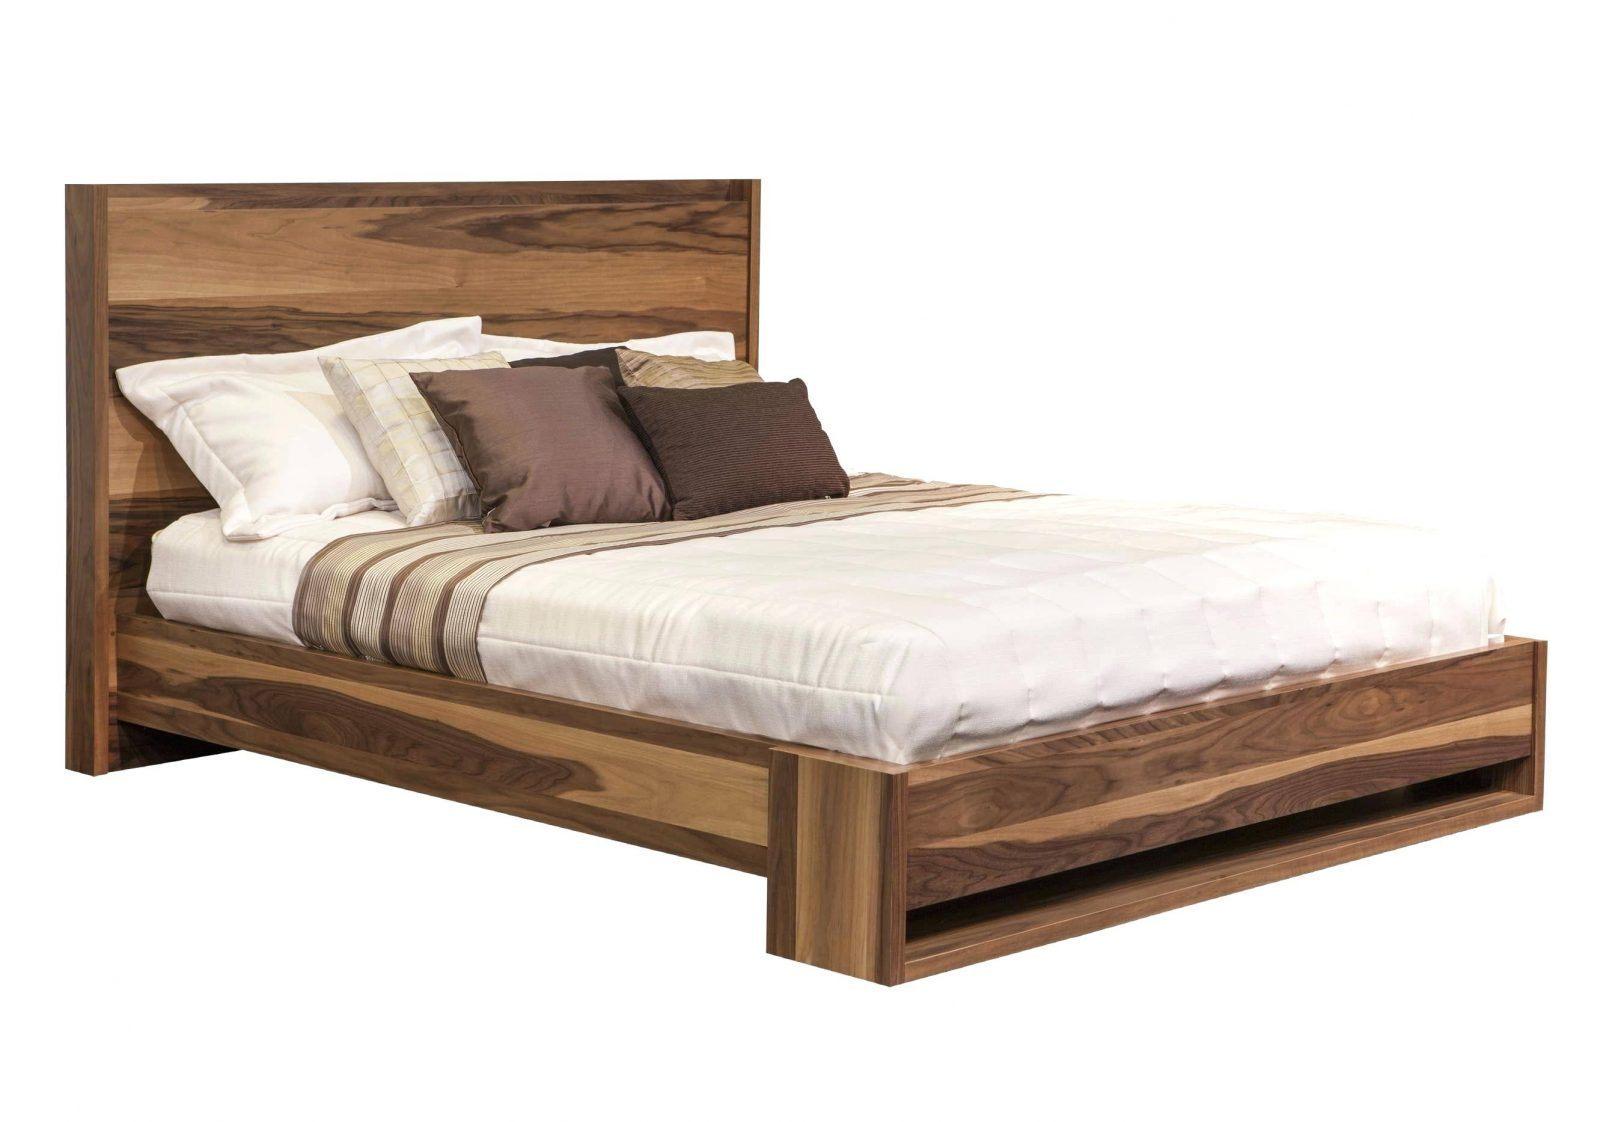 Tete De Lit Avec Chevet Intégré Ikea Génial Tete De Lit Avec Rangement Integre